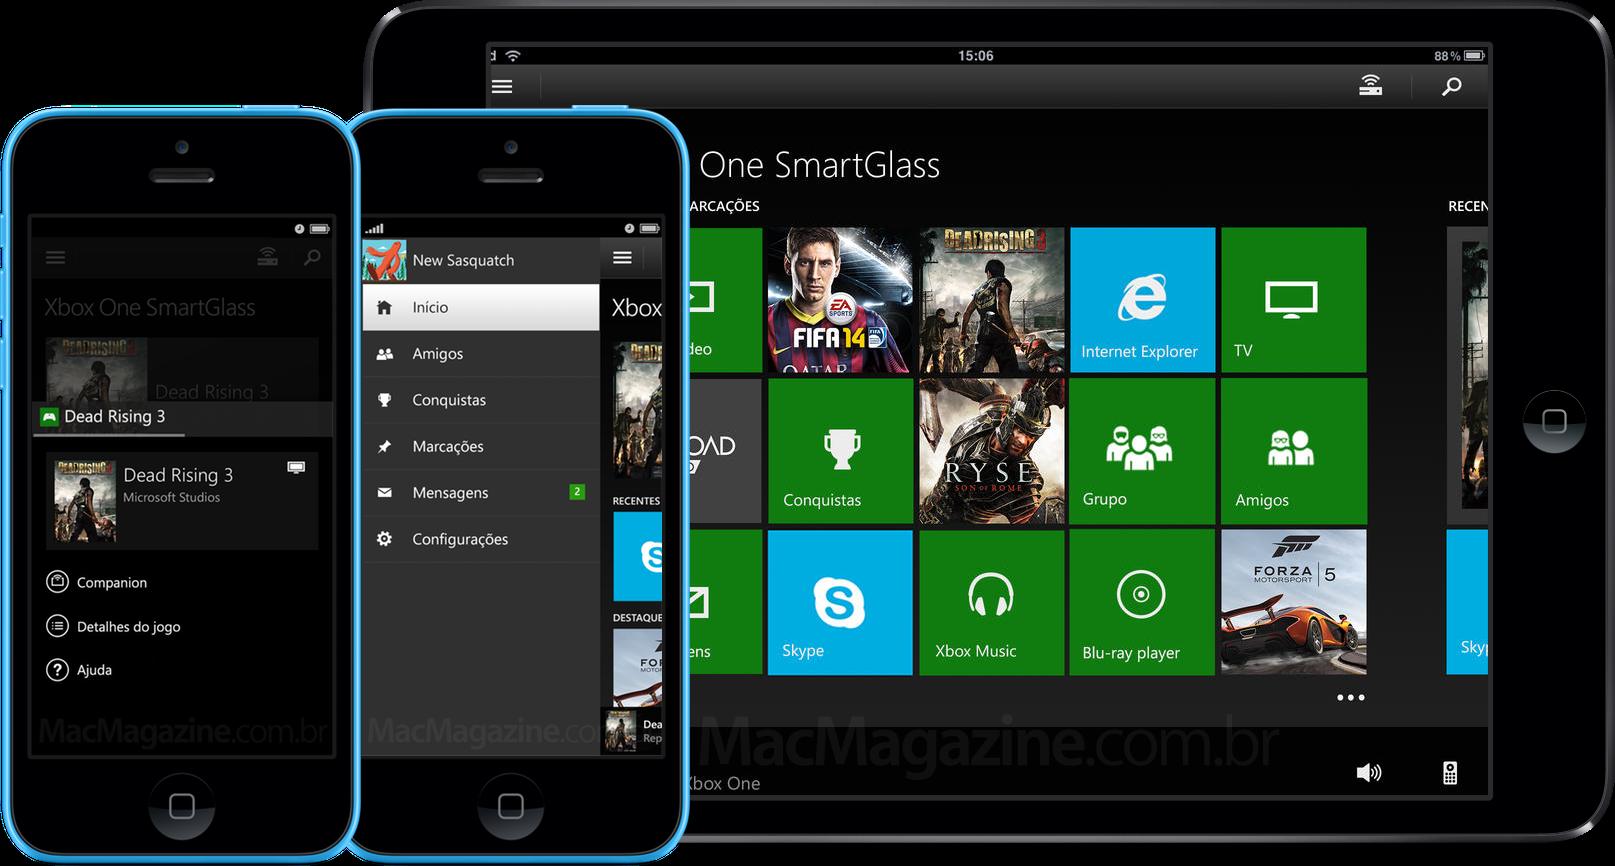 App Xbox One SmartGlass para iOS